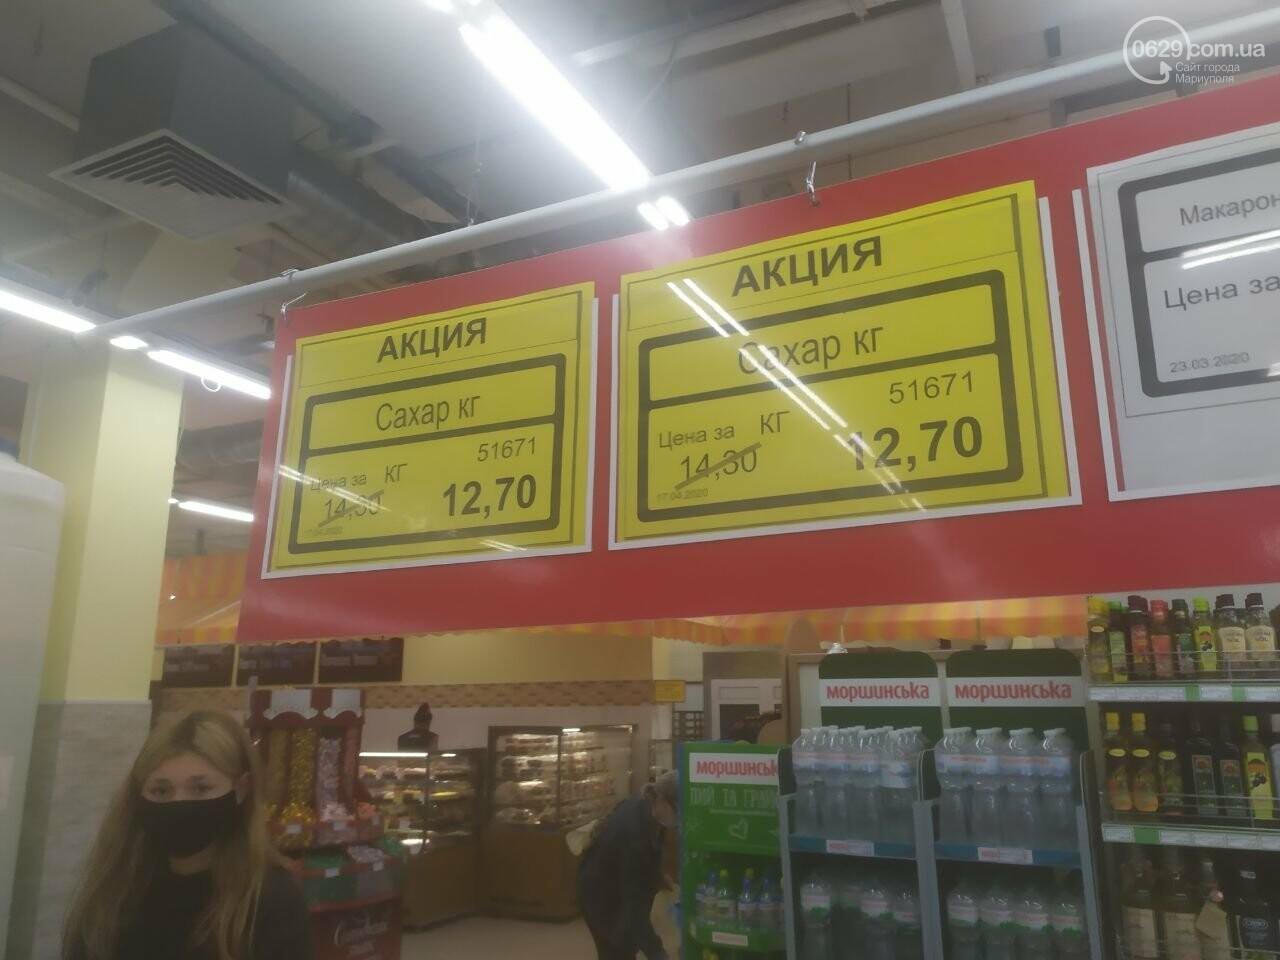 Как коронавирус изменил цены на продукты в Мариуполе, - ФОТО, фото-3